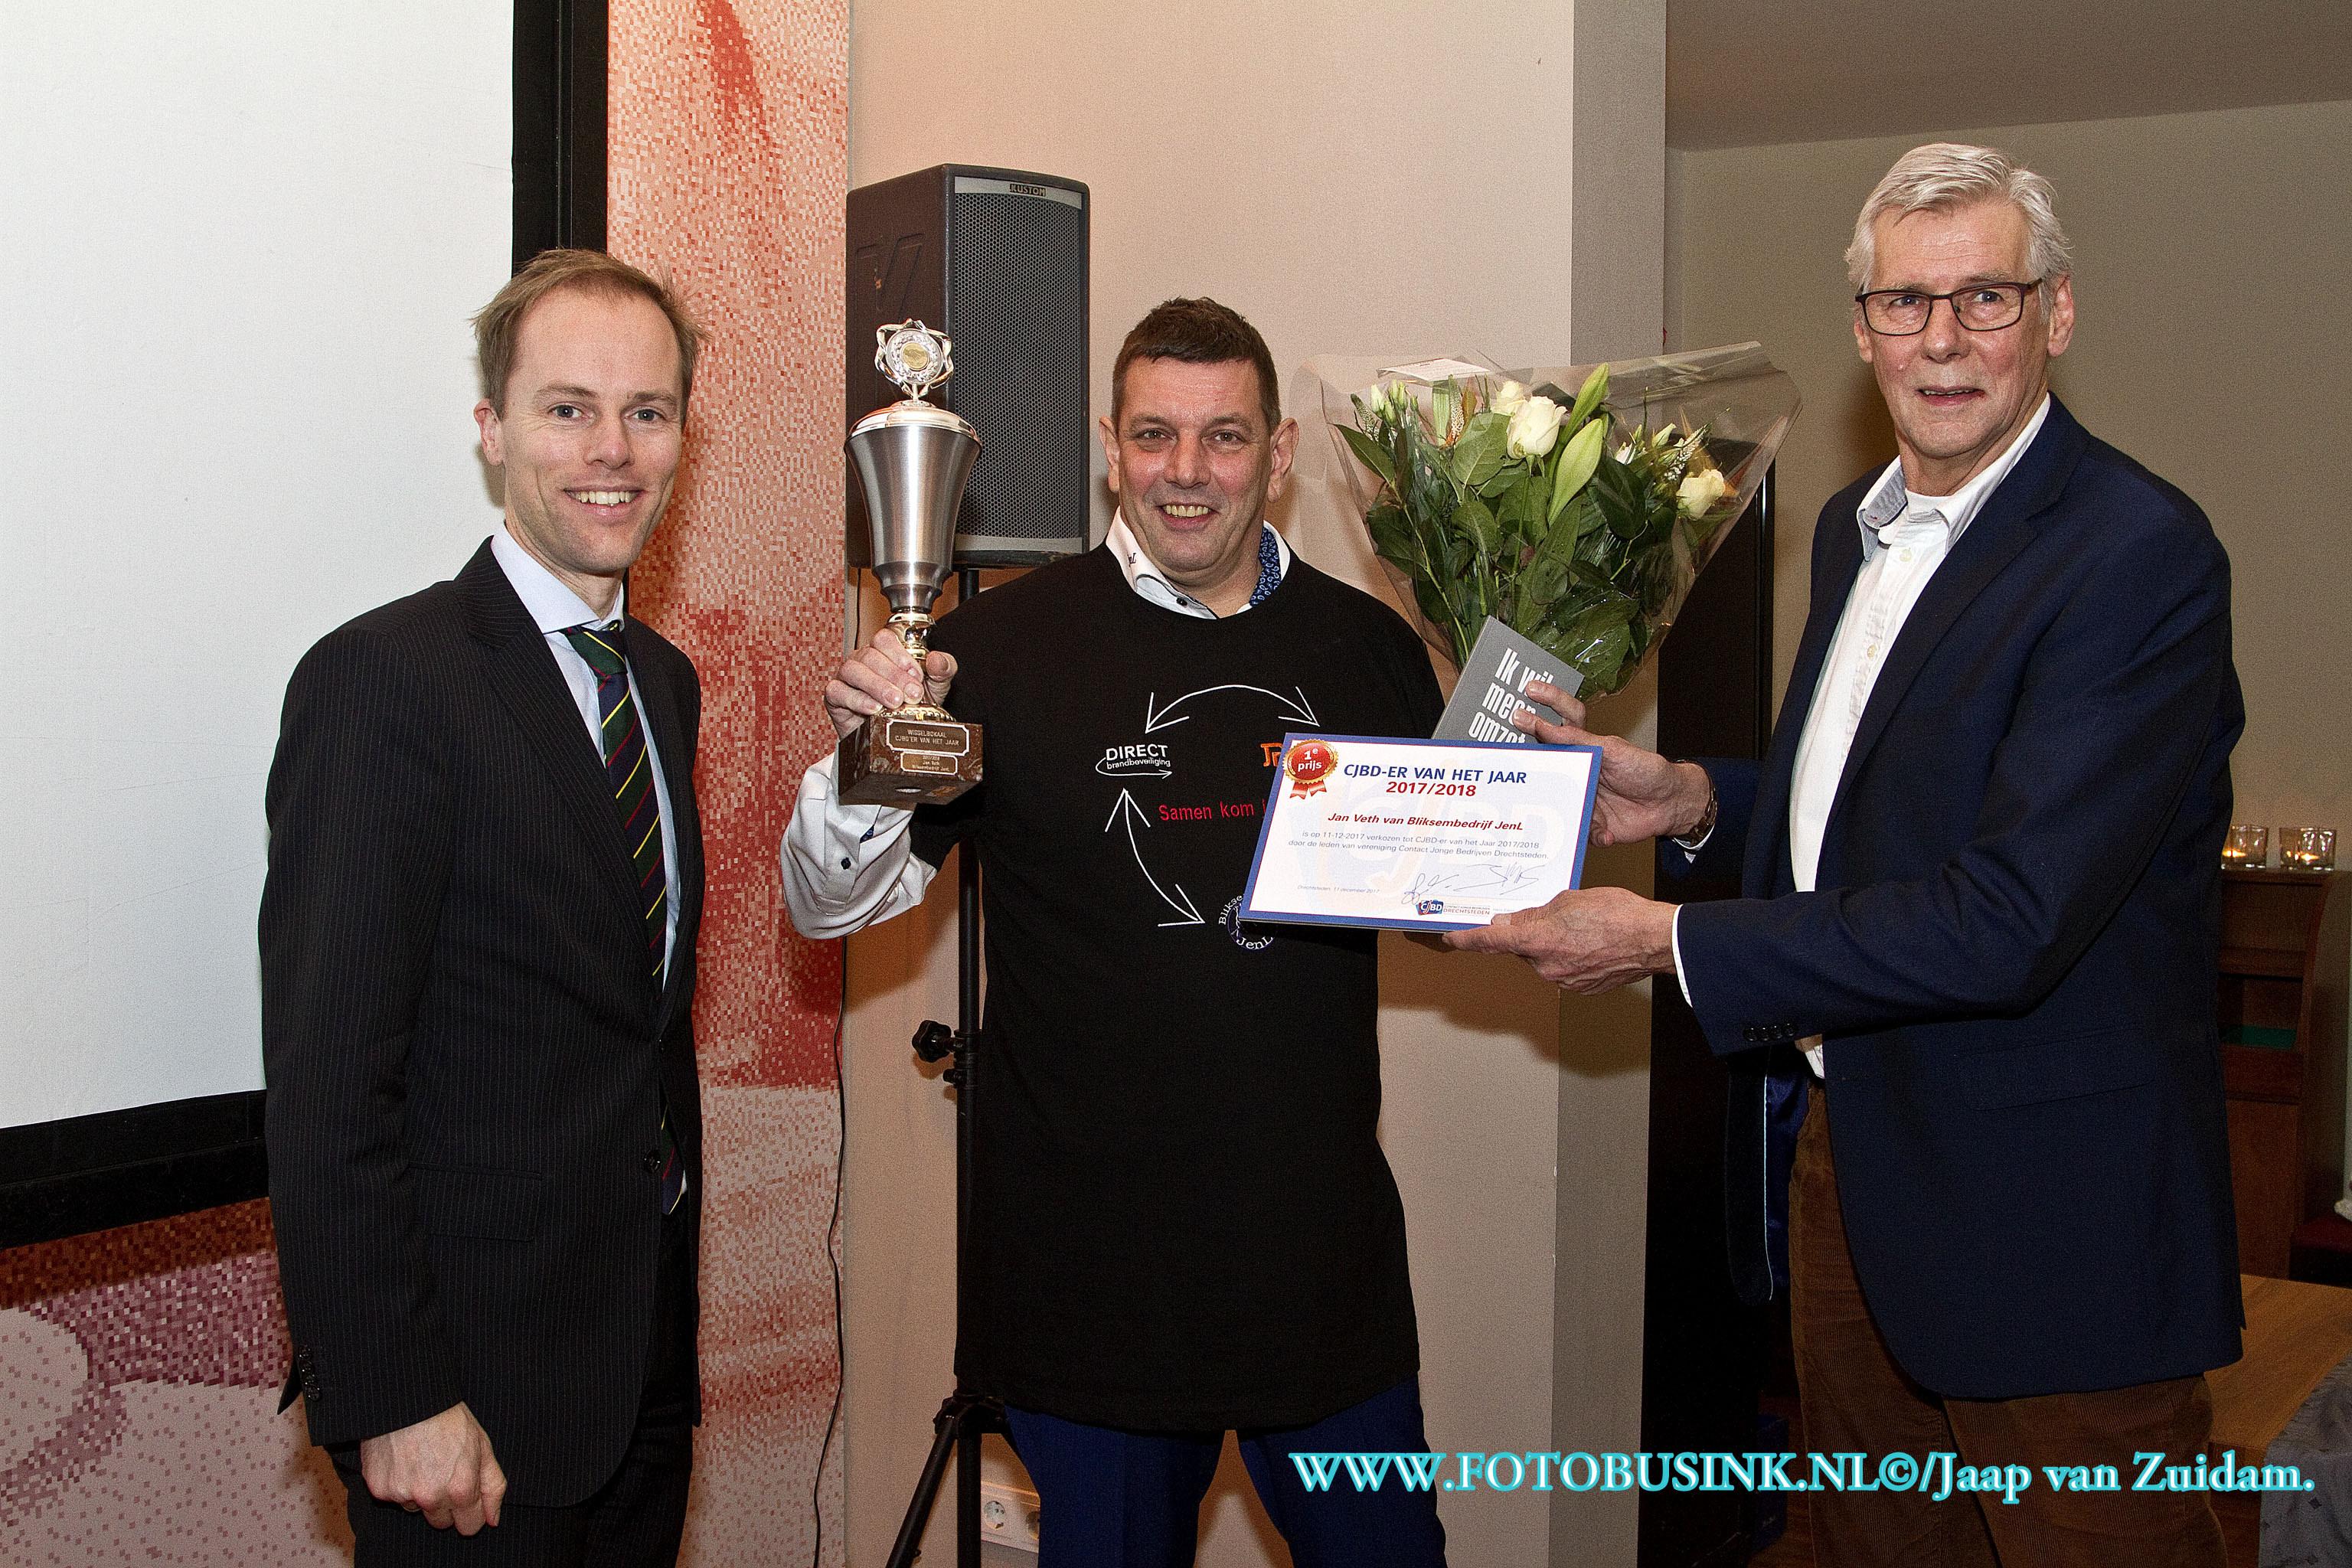 Jan Veth wint CJBD verkiezing 2017/2018 in Dordrecht.